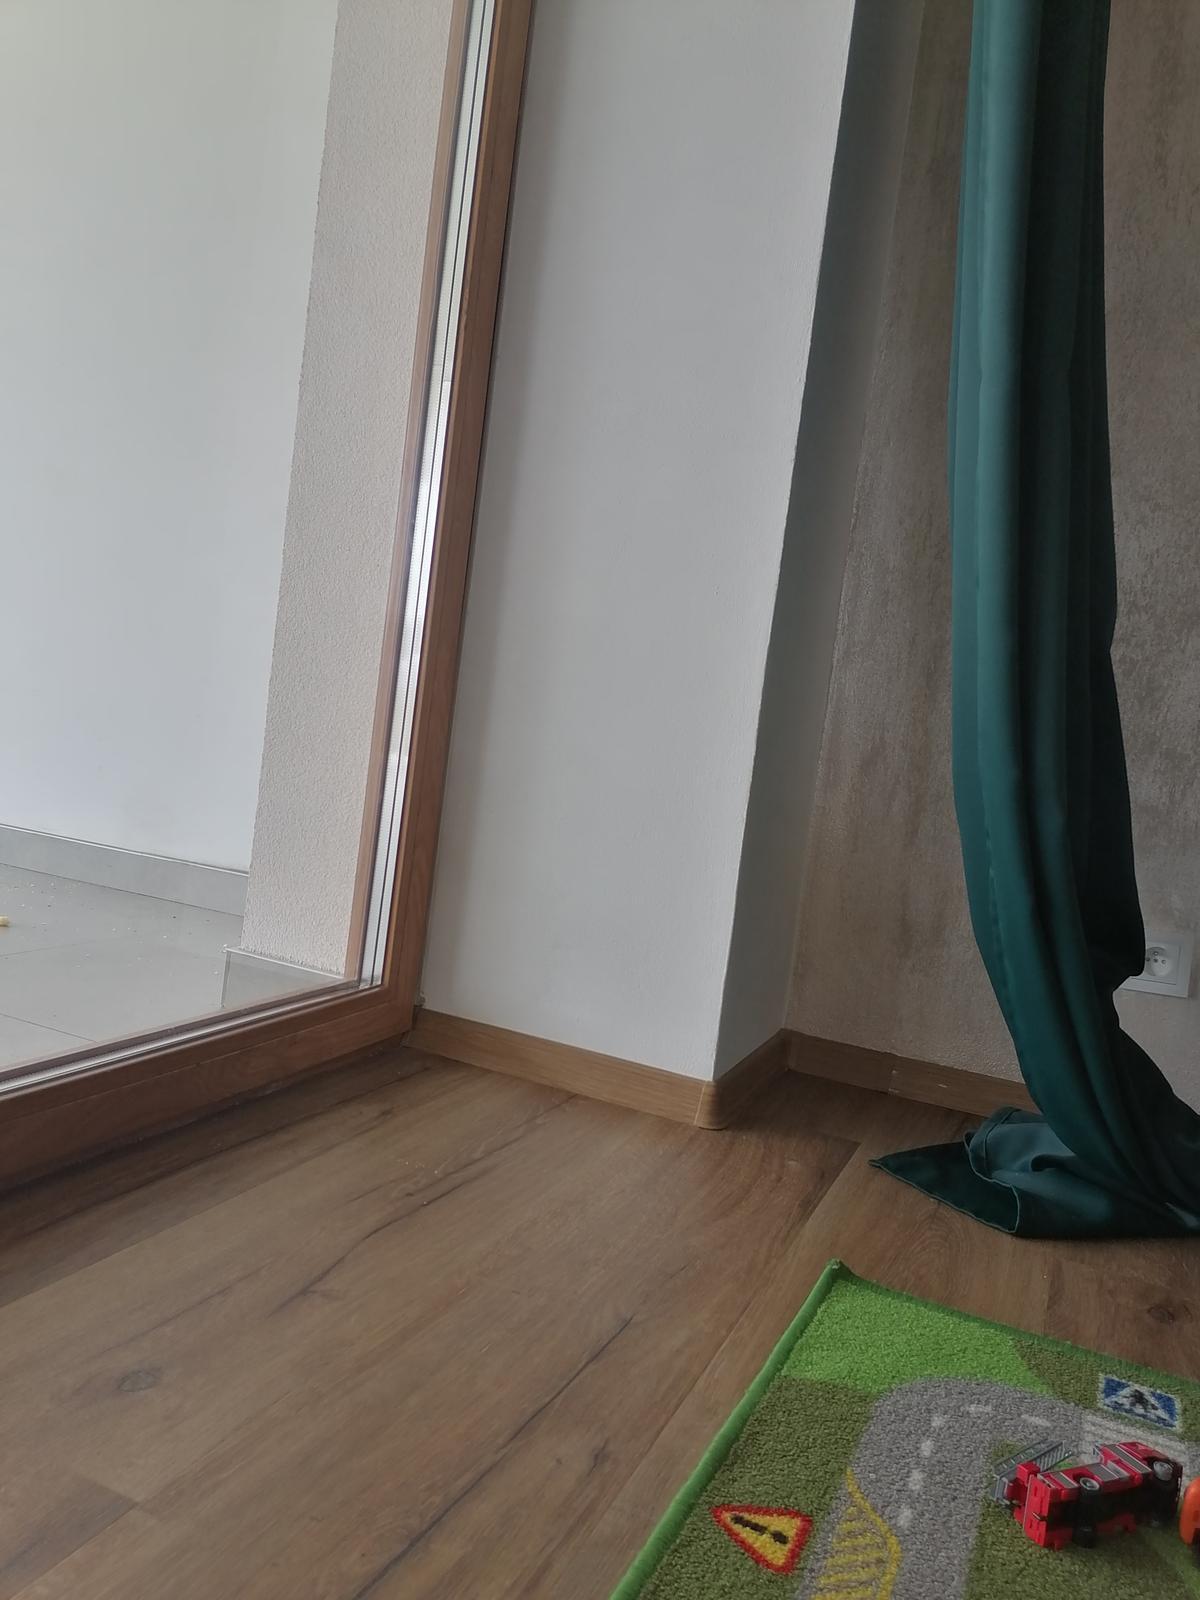 Tady je okno s... - Obrázek č. 1